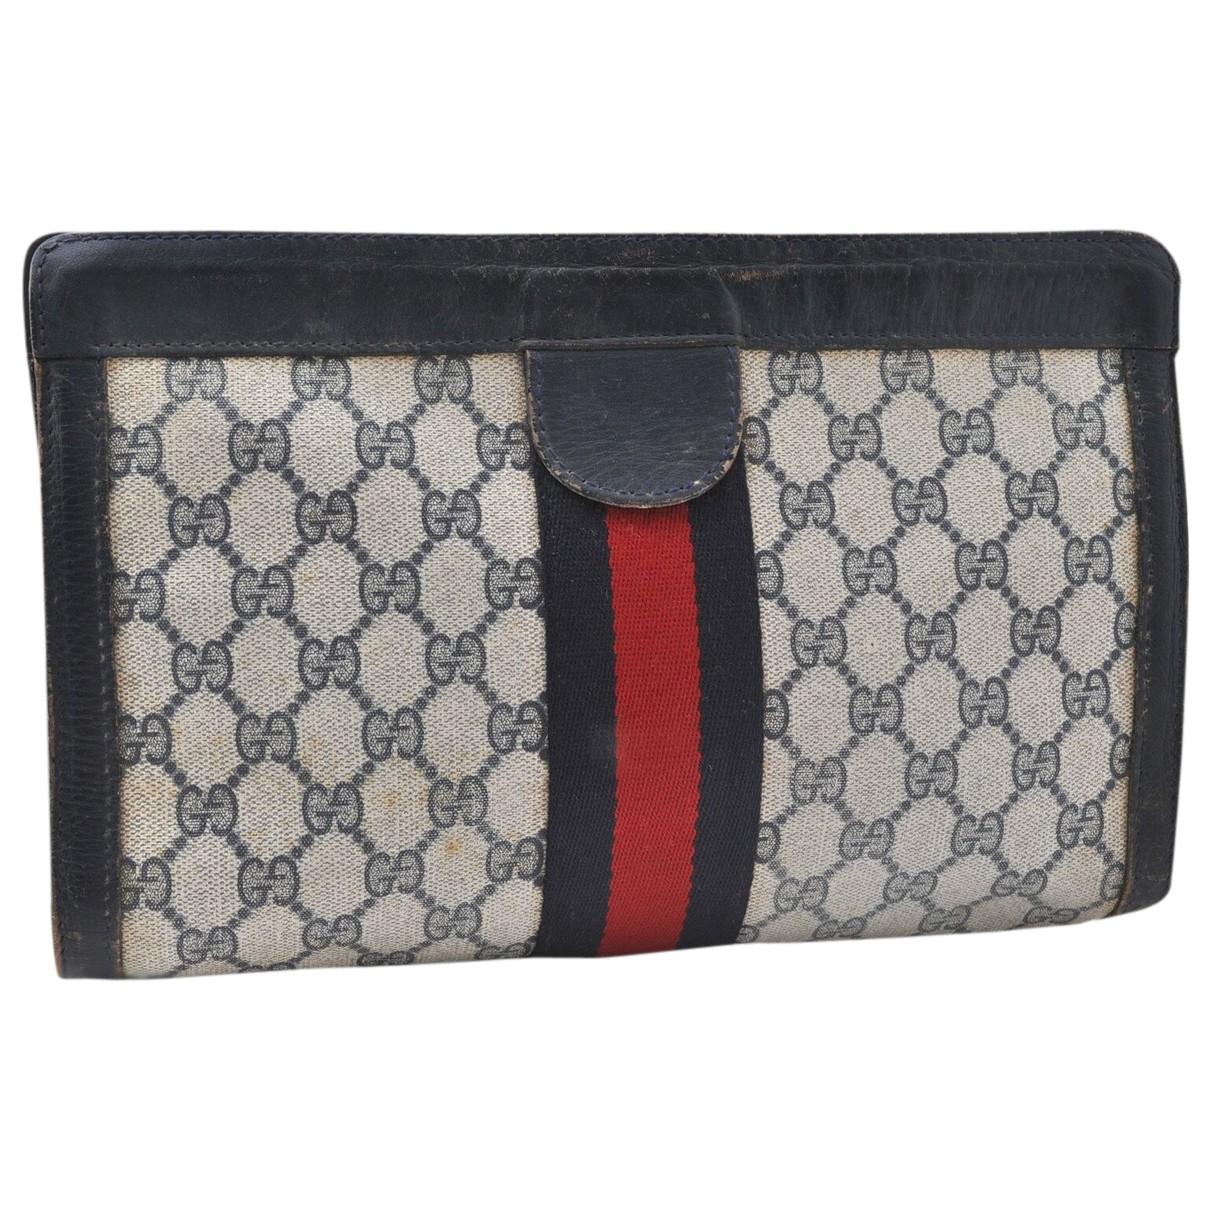 Bolsos clutch en Plastico Marino Gucci